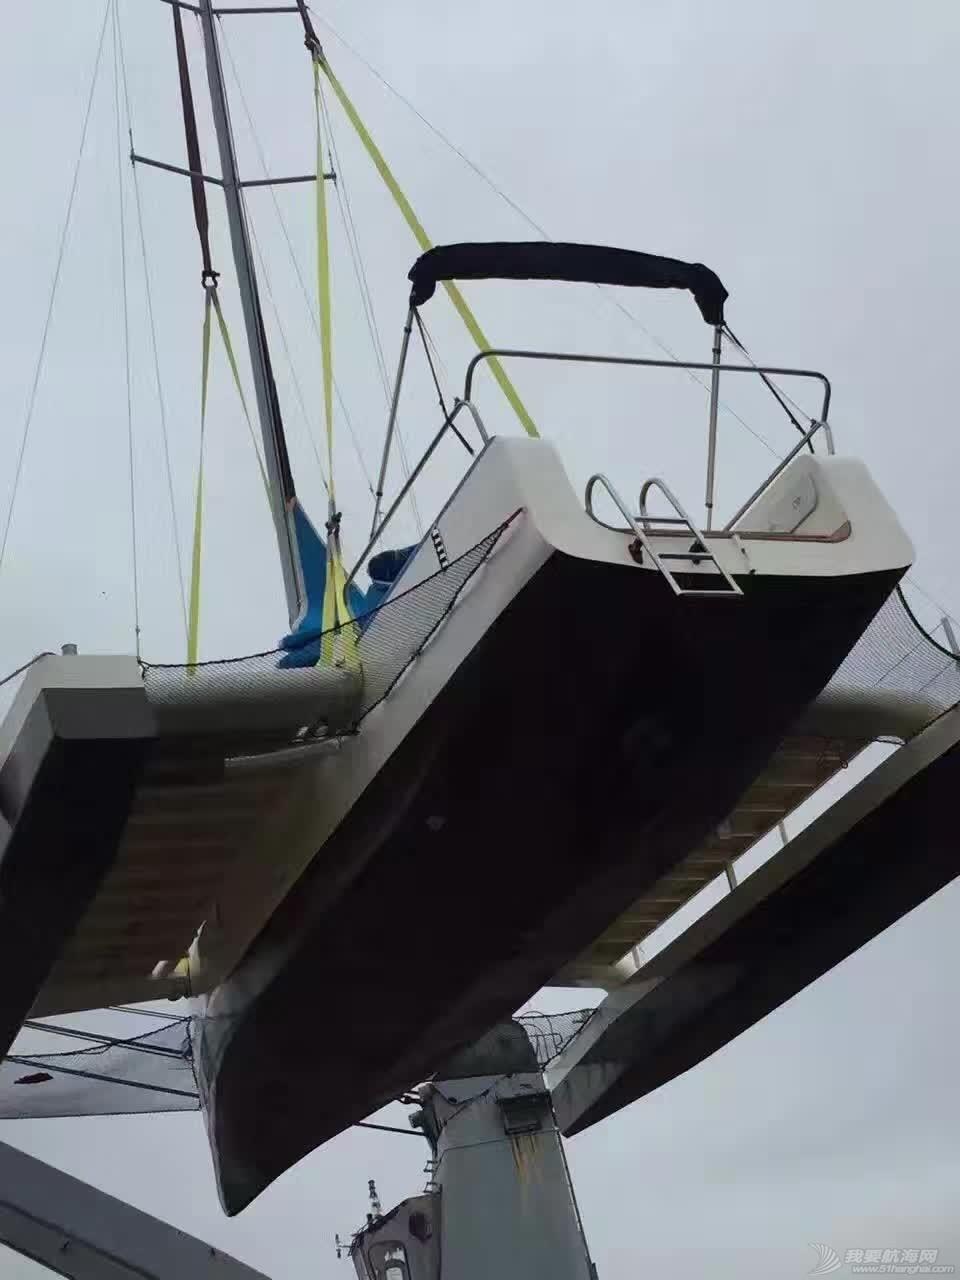 帆船 三体帆船上水 WeChatImage636150123015461902.jpg